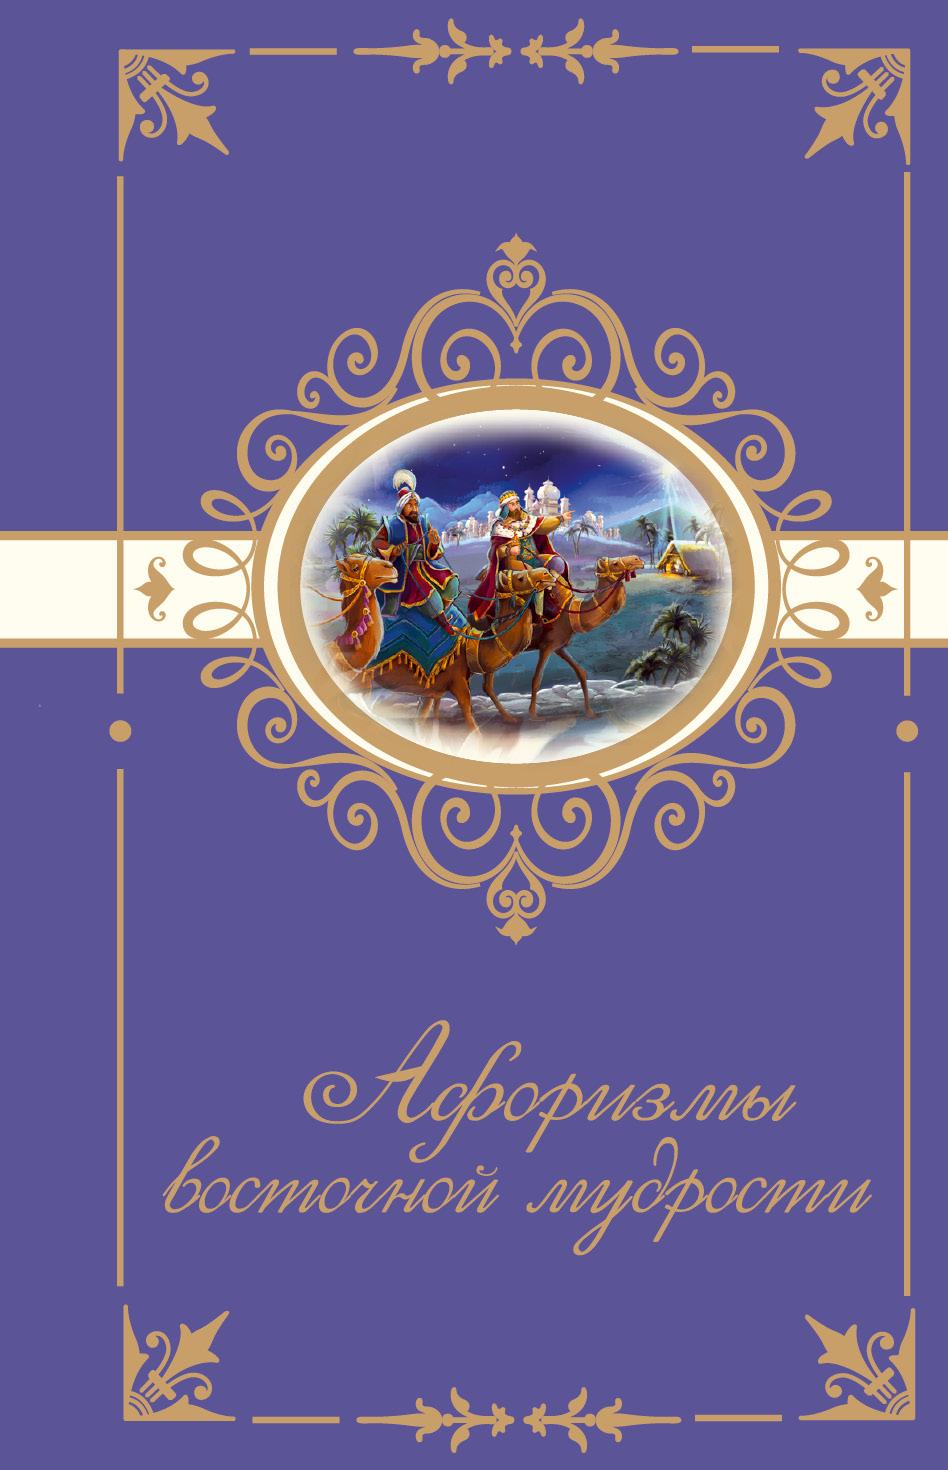 Афоризмы восточной мудрости от book24.ru